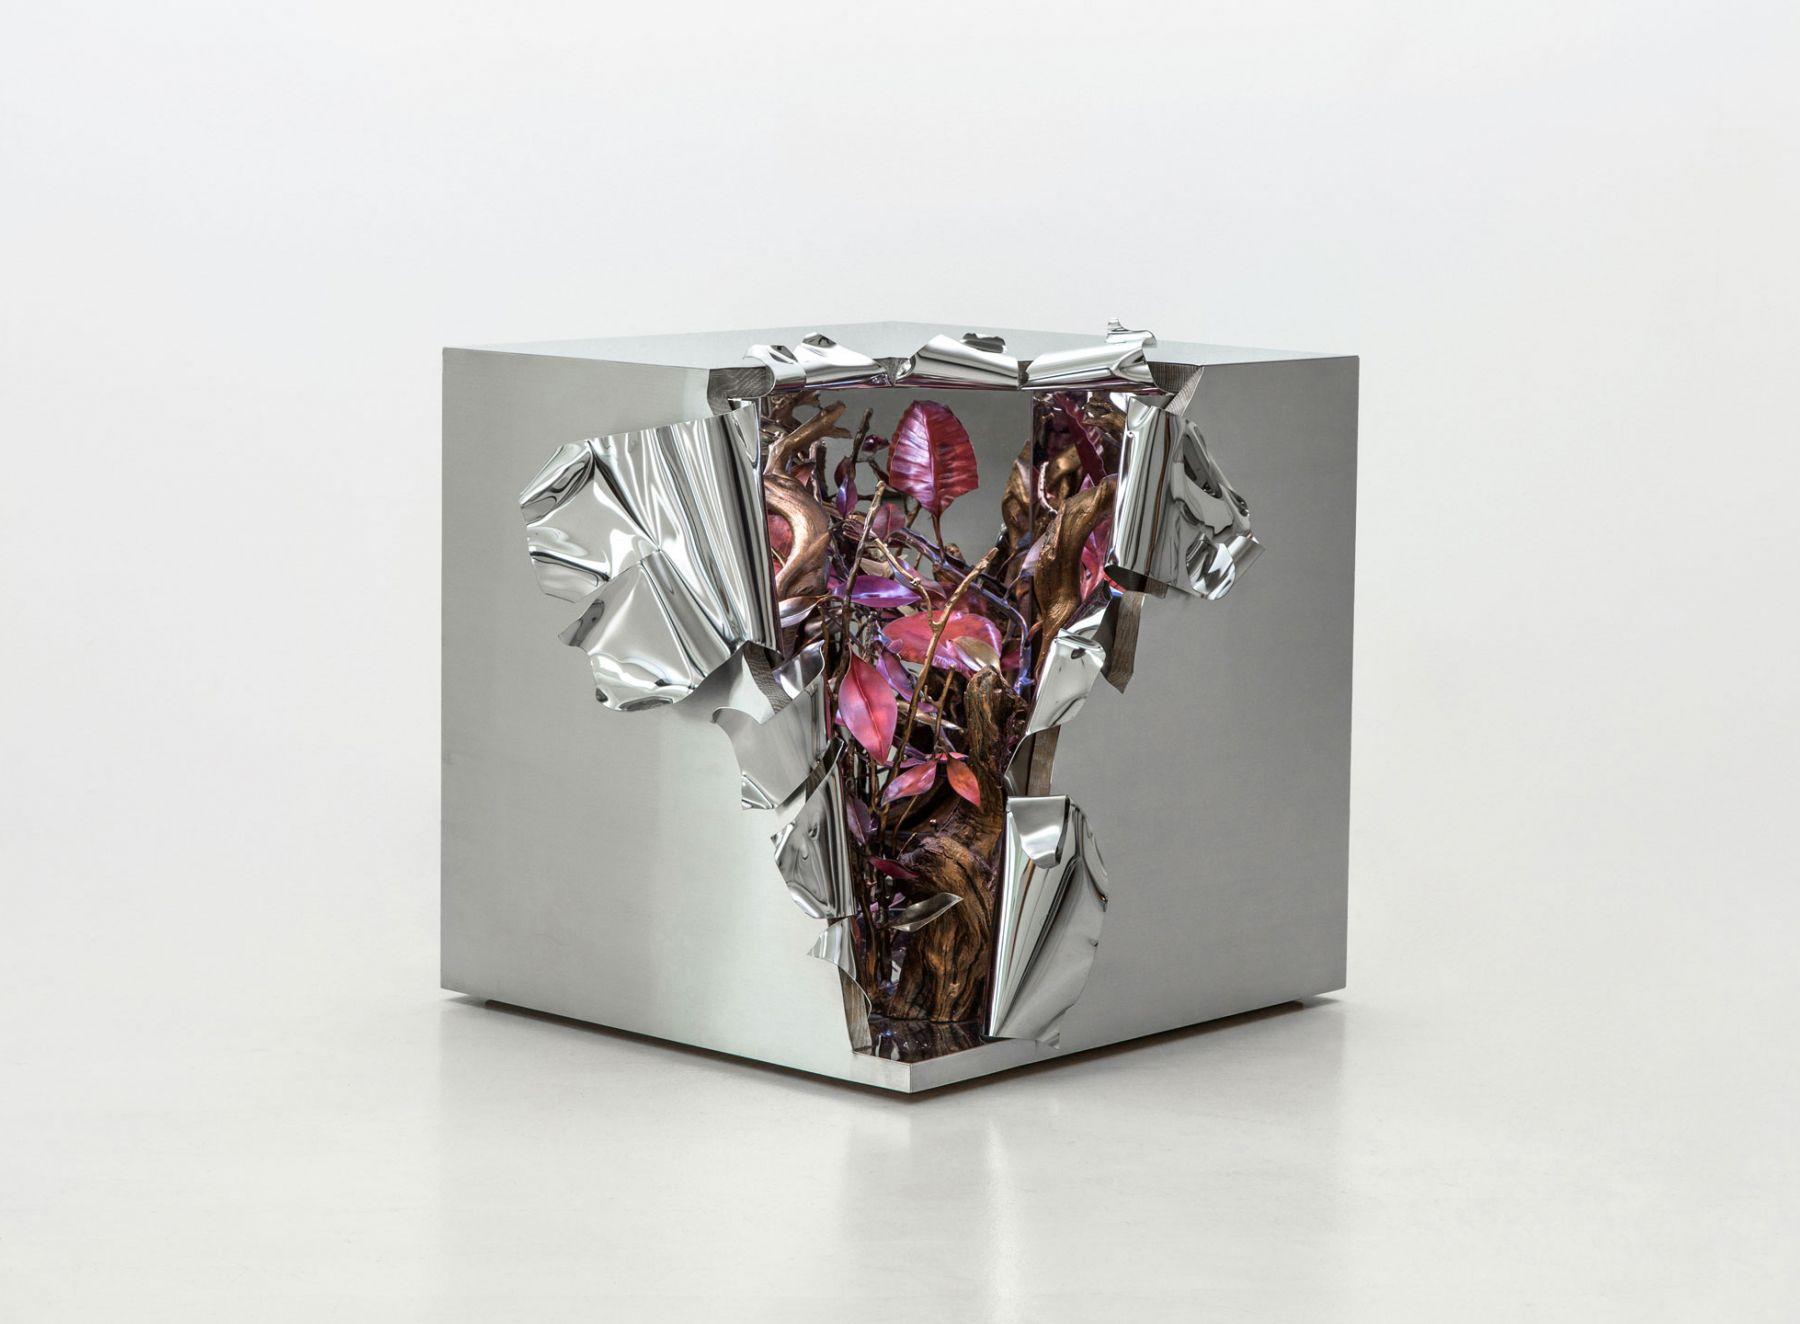 Maria Pergay | Secret Cube, 2013